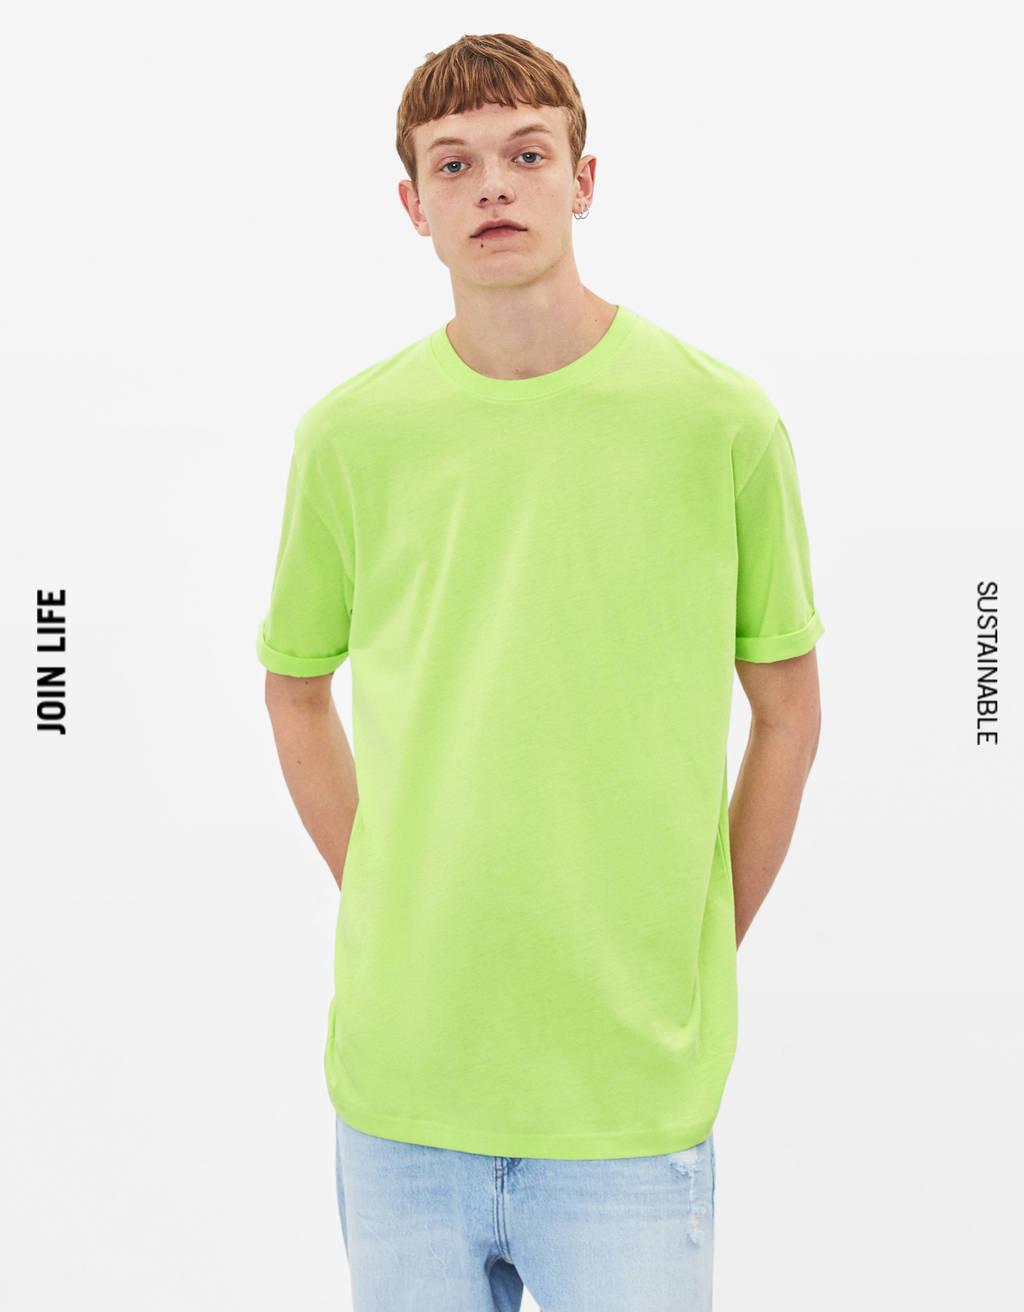 333e663fe Polos y camisetas de hombre - Primavera Verano 2019 | Bershka